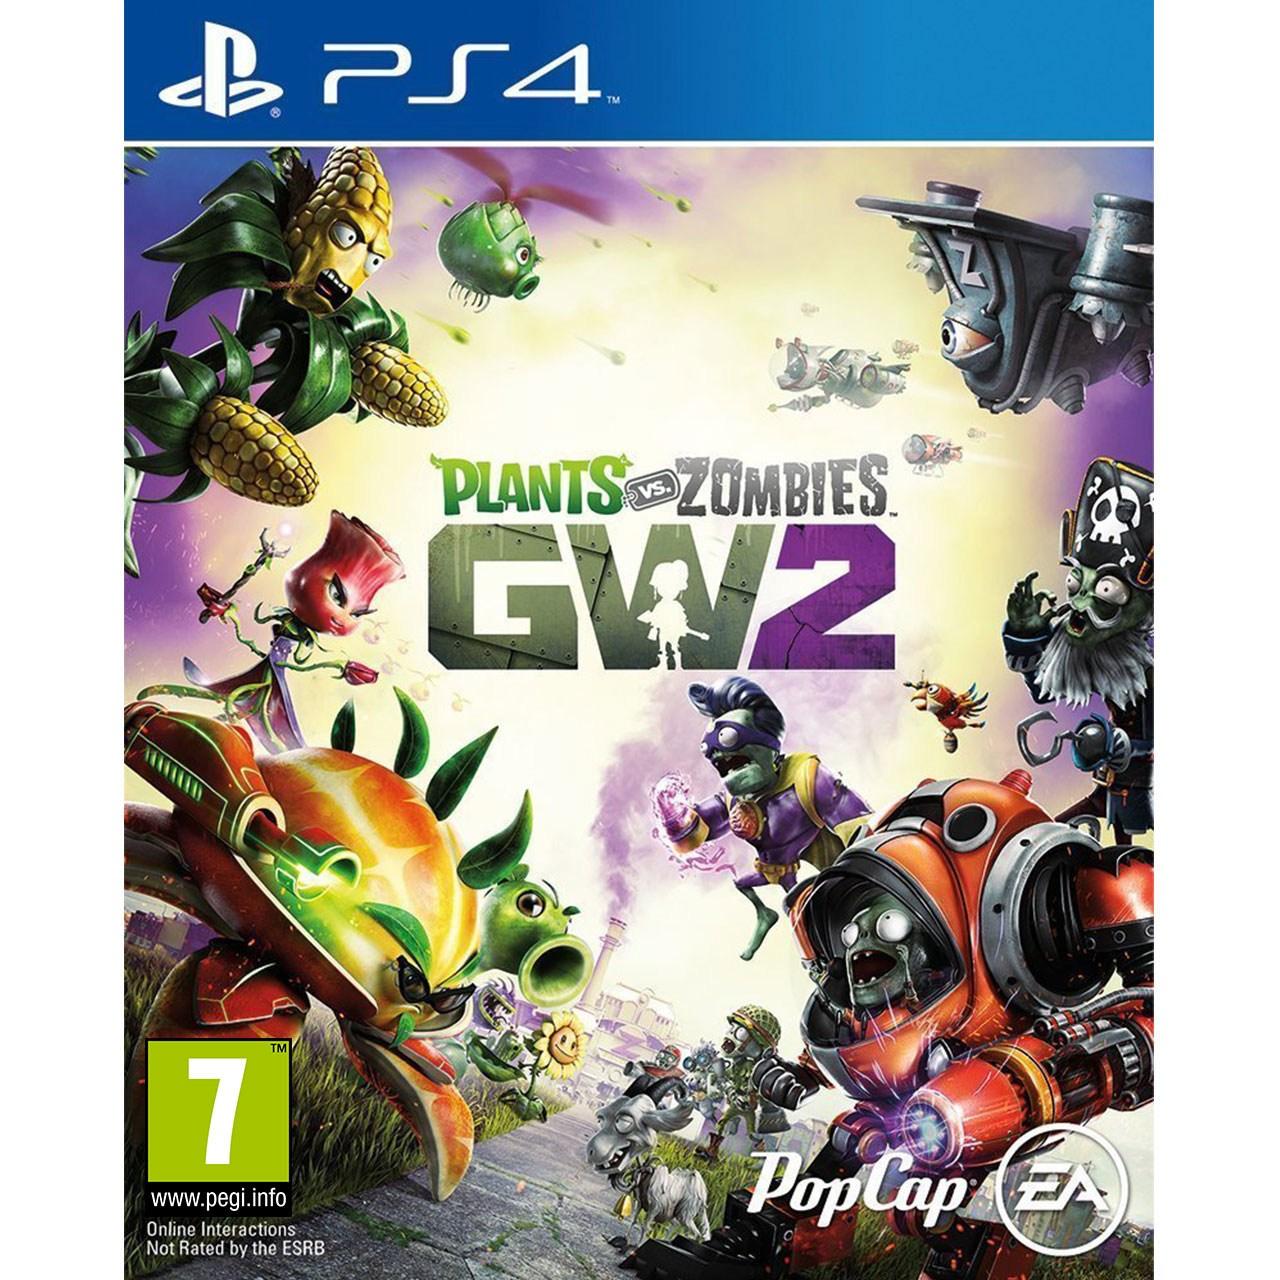 بازی Plants vs. Zombies Garden Warfare 2 مخصوص PS4